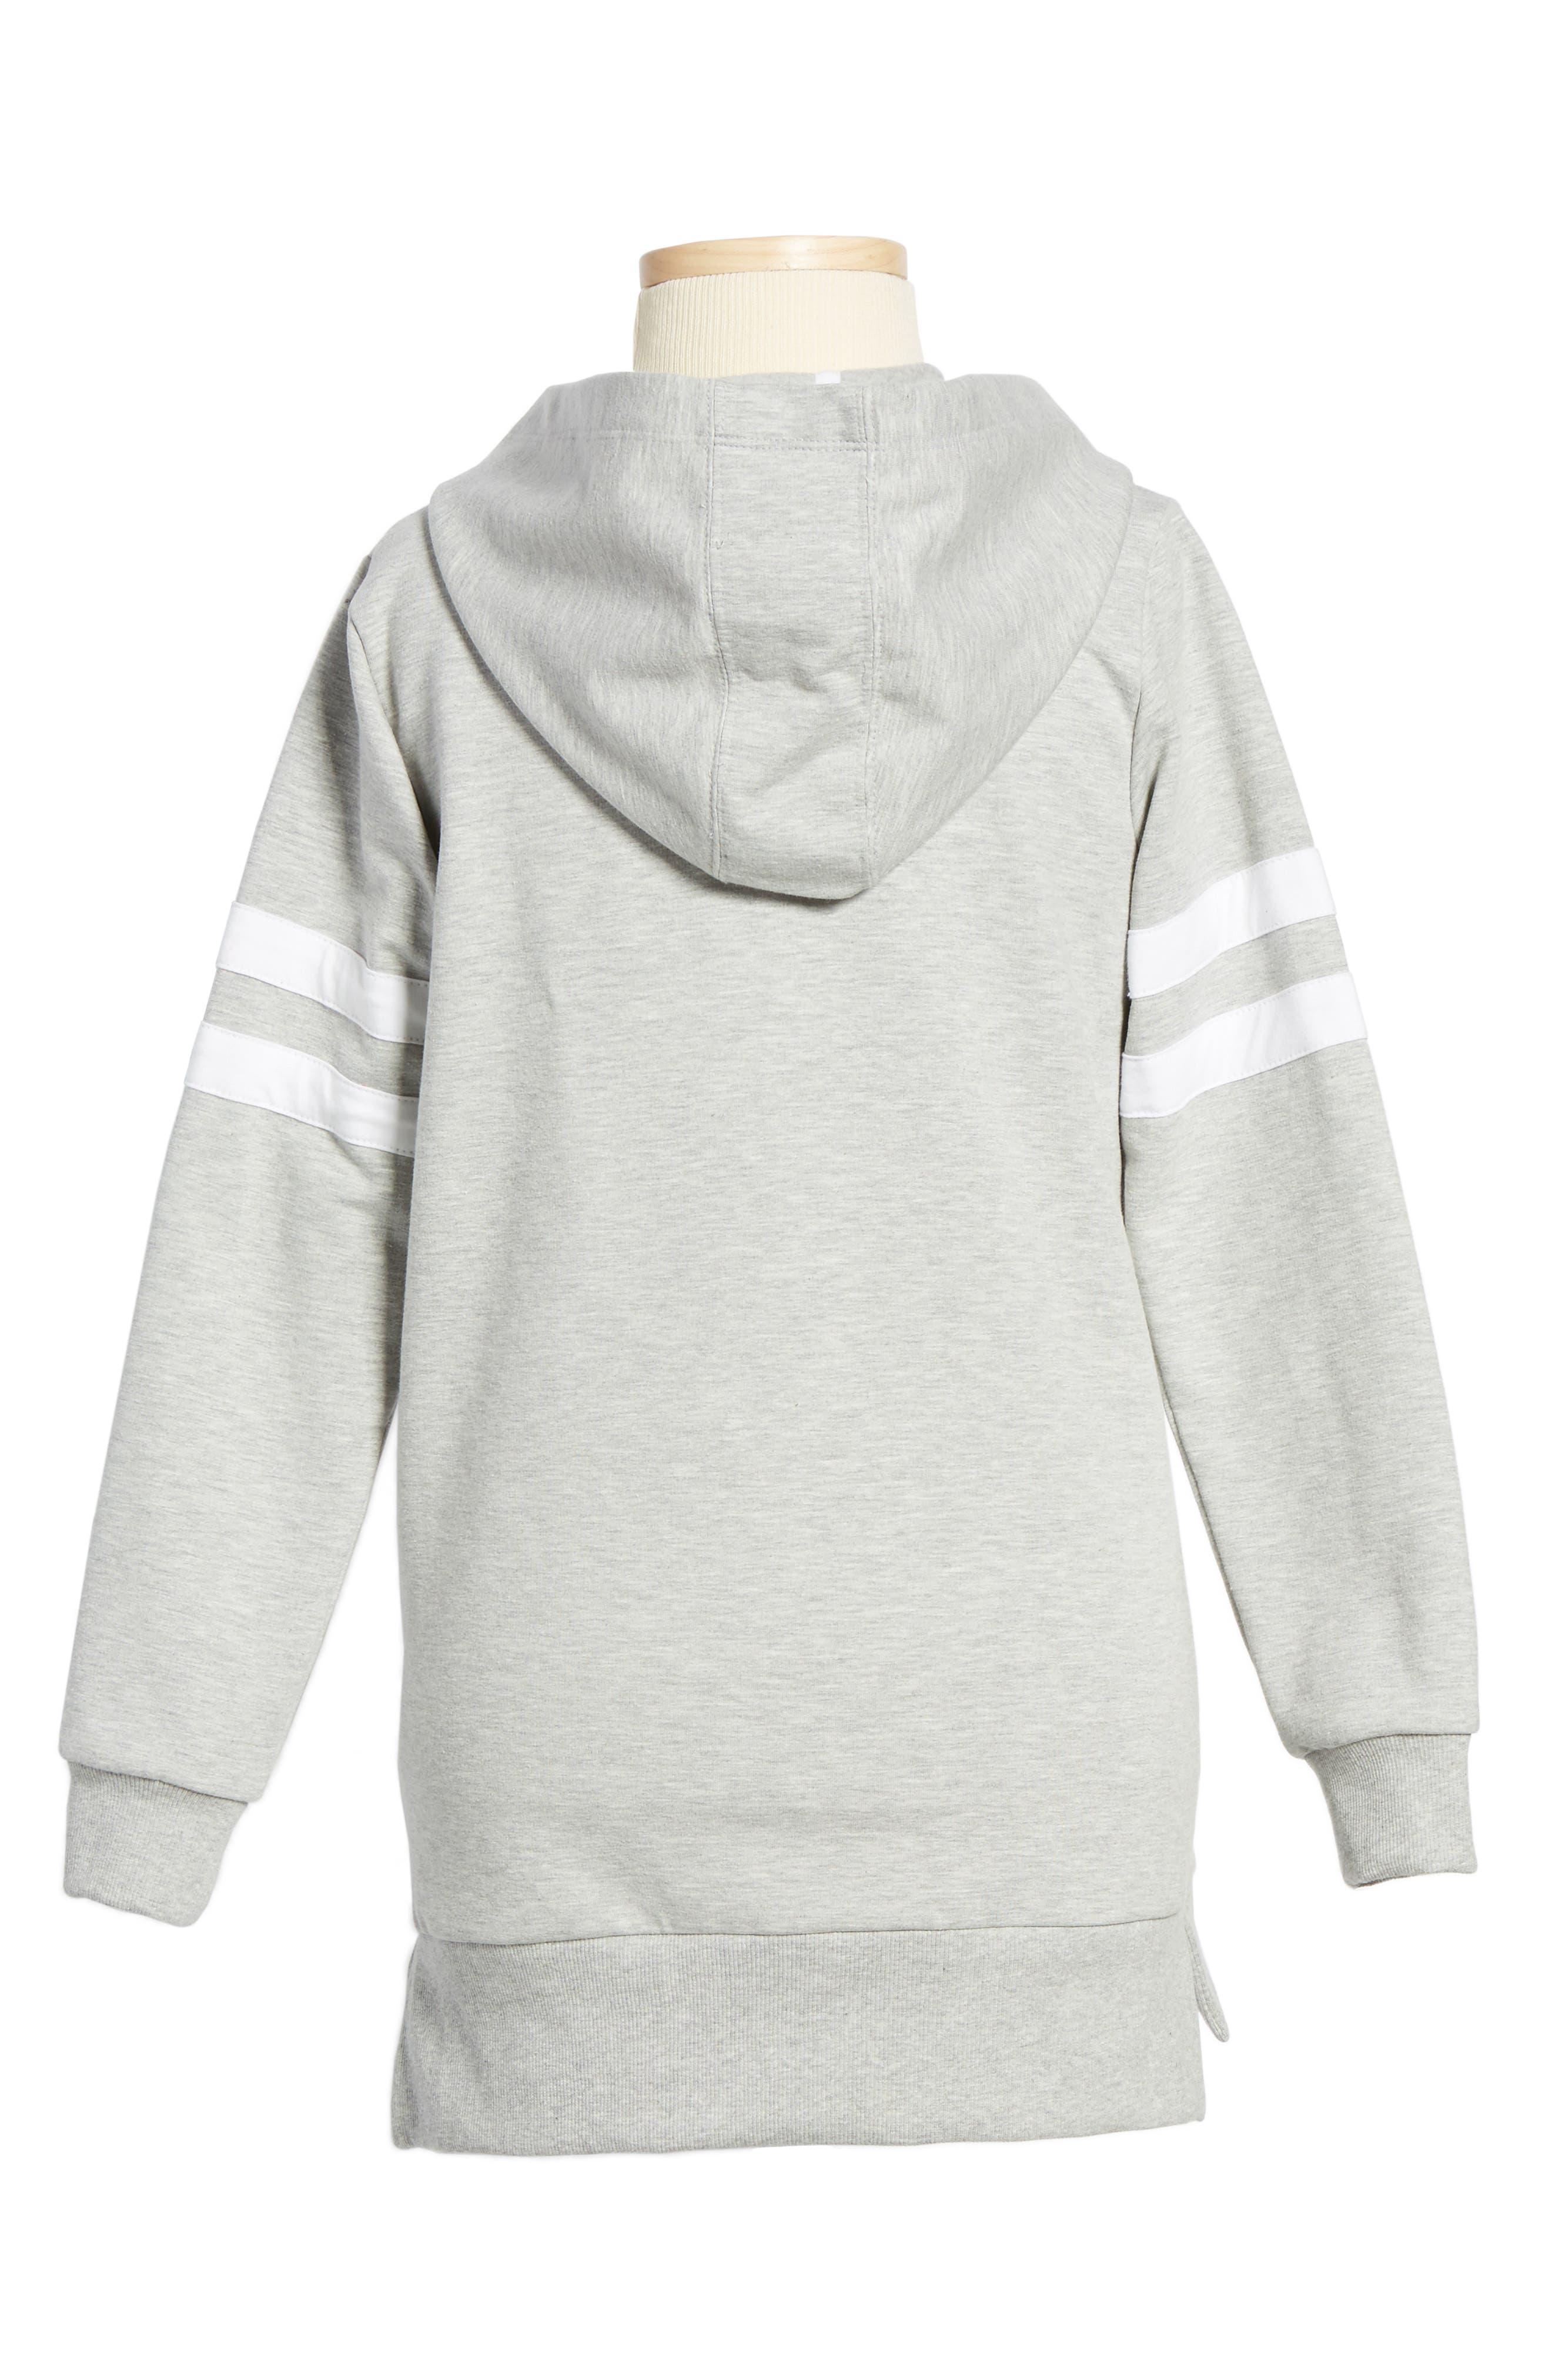 Sneaker Hoodie Dress,                             Alternate thumbnail 3, color,                             Grey